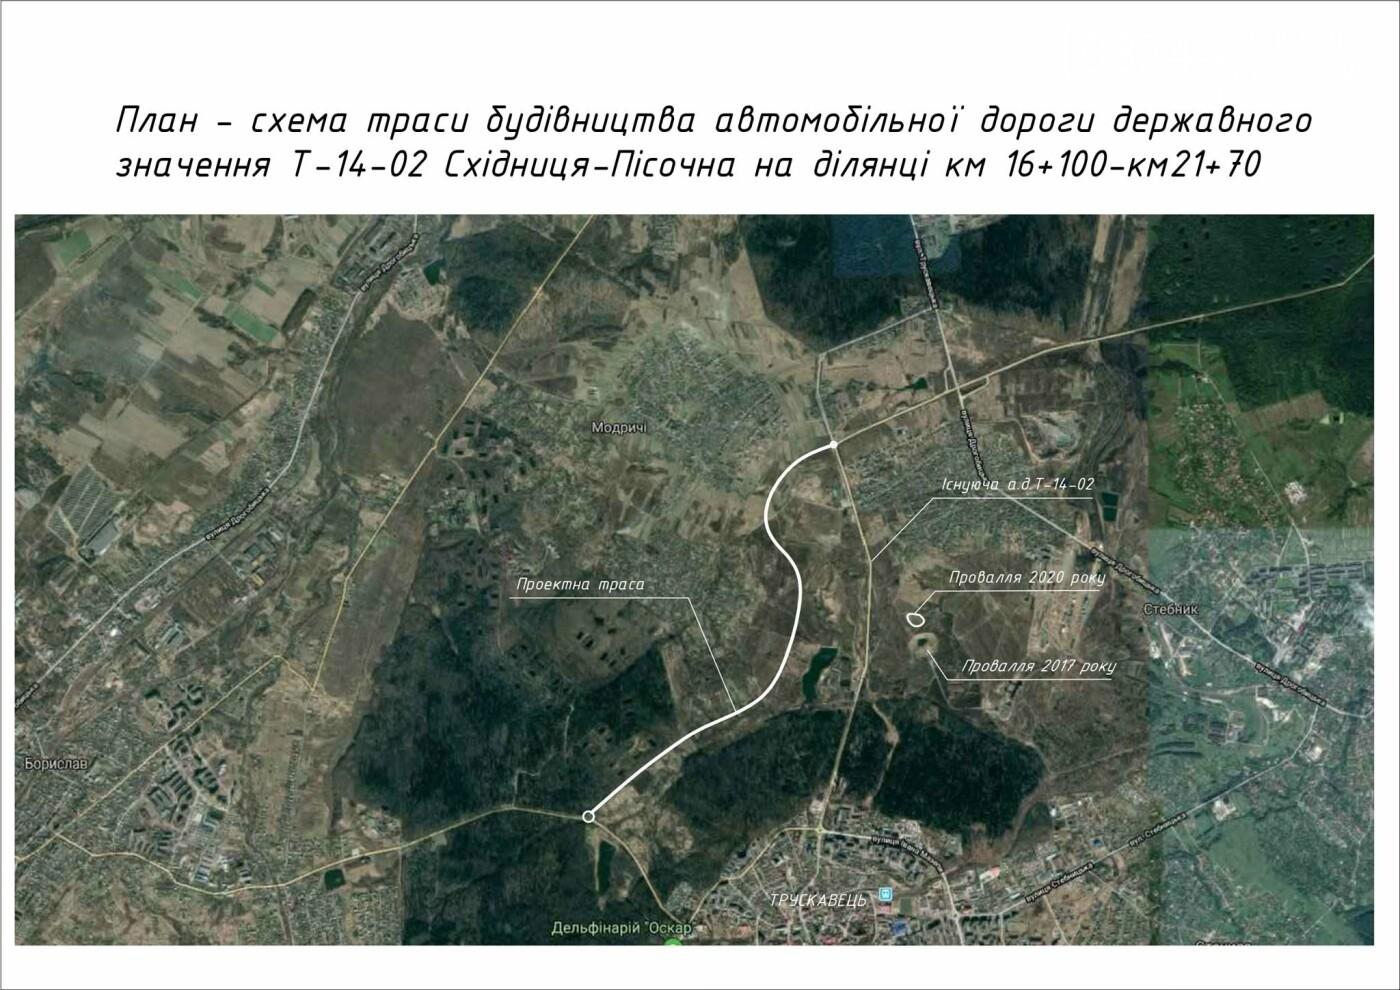 Нову дорогу до Трускавця планують збудувати до кінця наступного року, фото-1